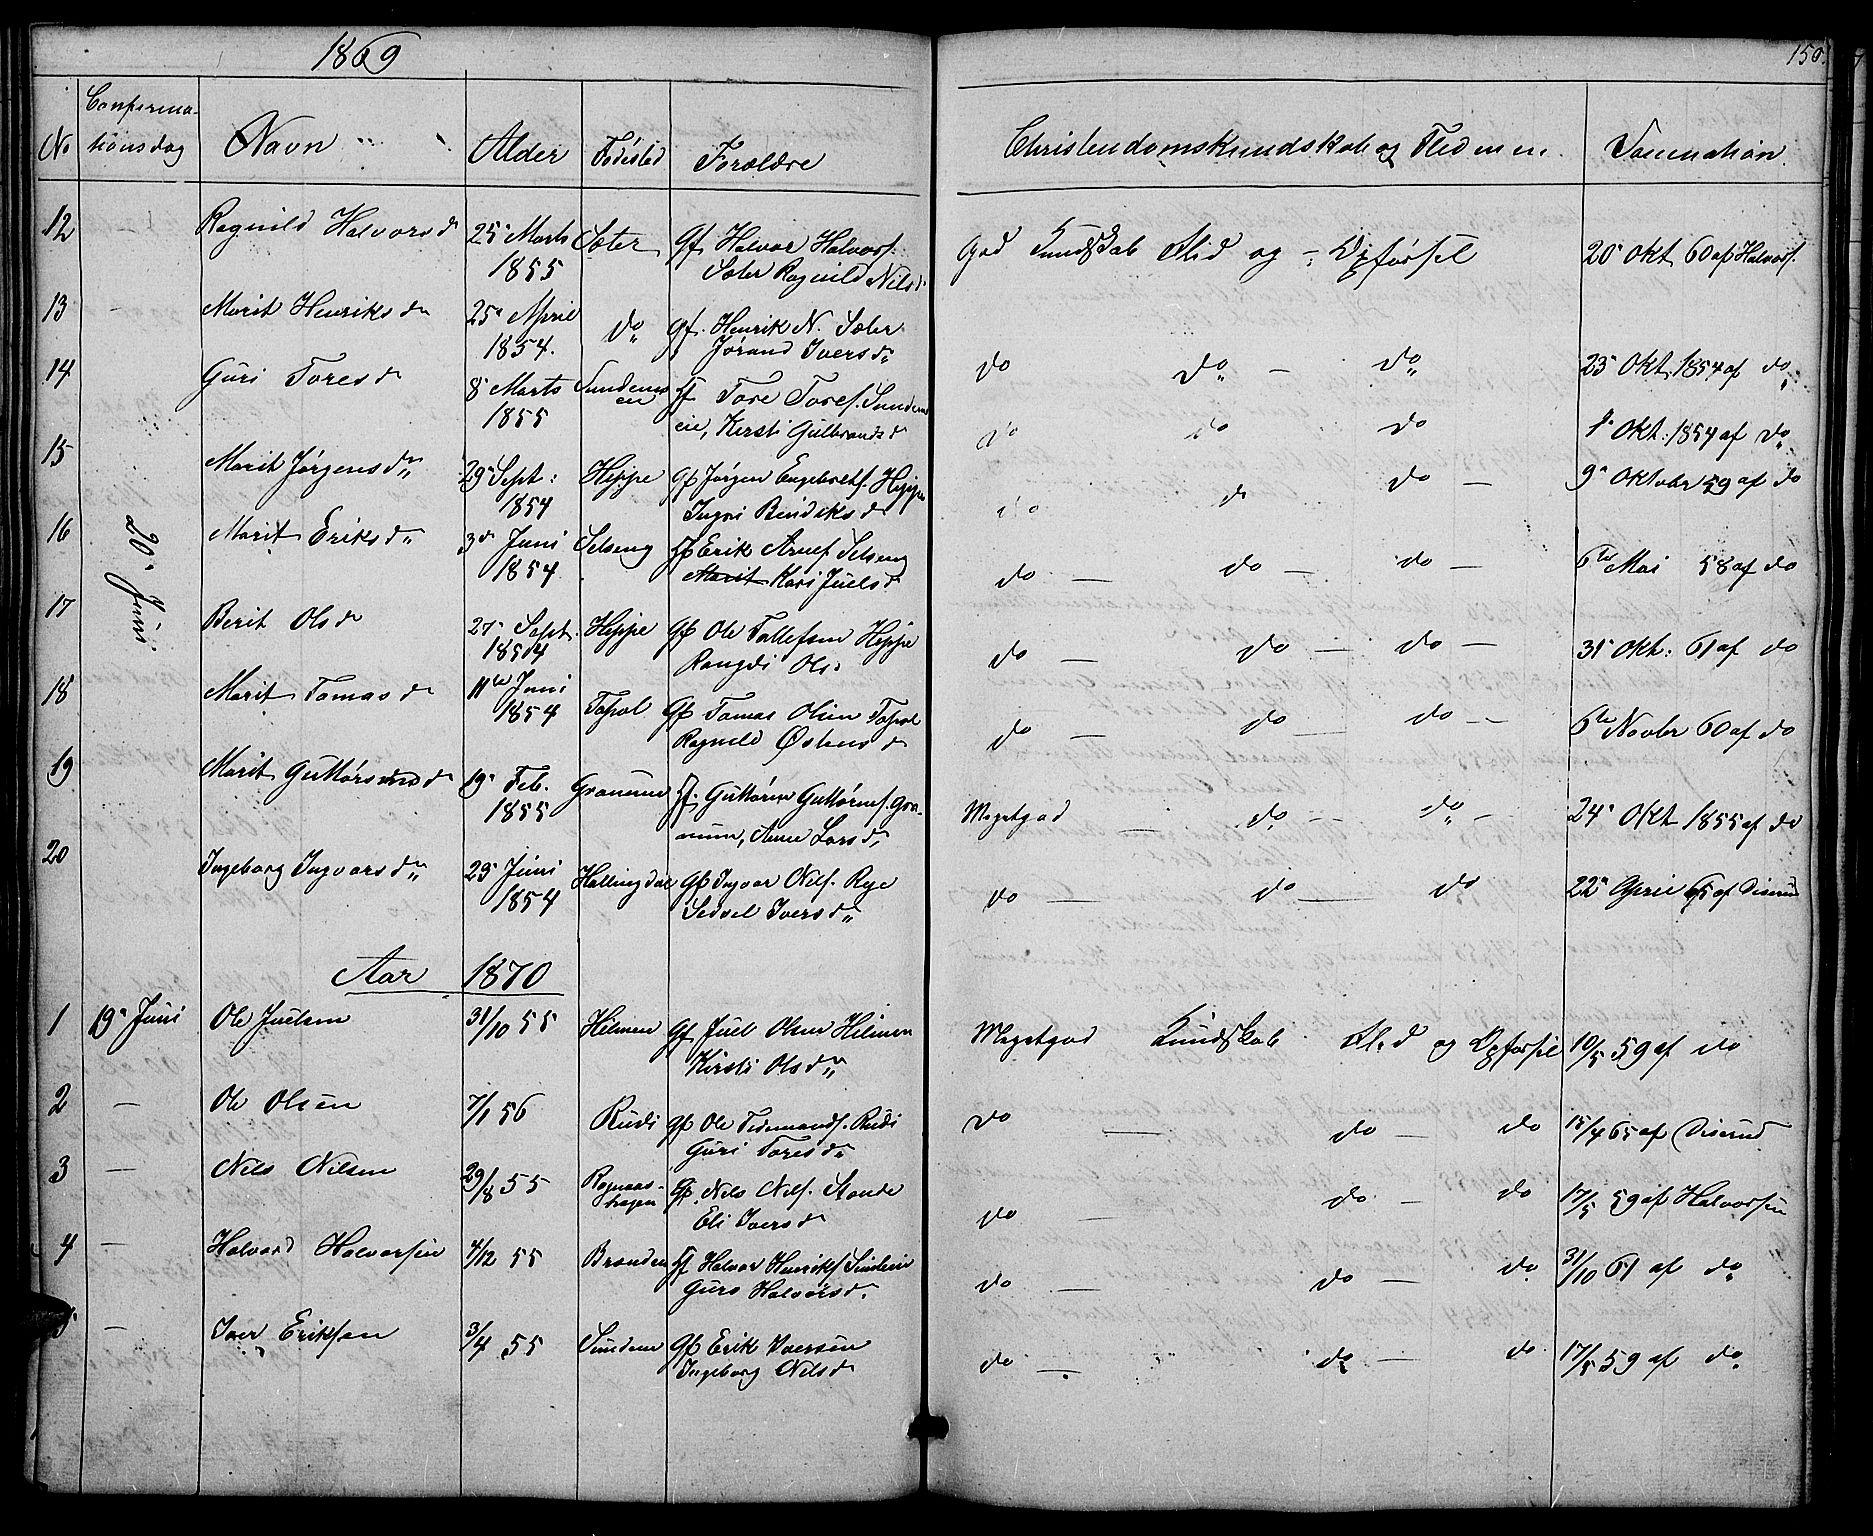 SAH, Nord-Aurdal prestekontor, Klokkerbok nr. 4, 1842-1882, s. 150